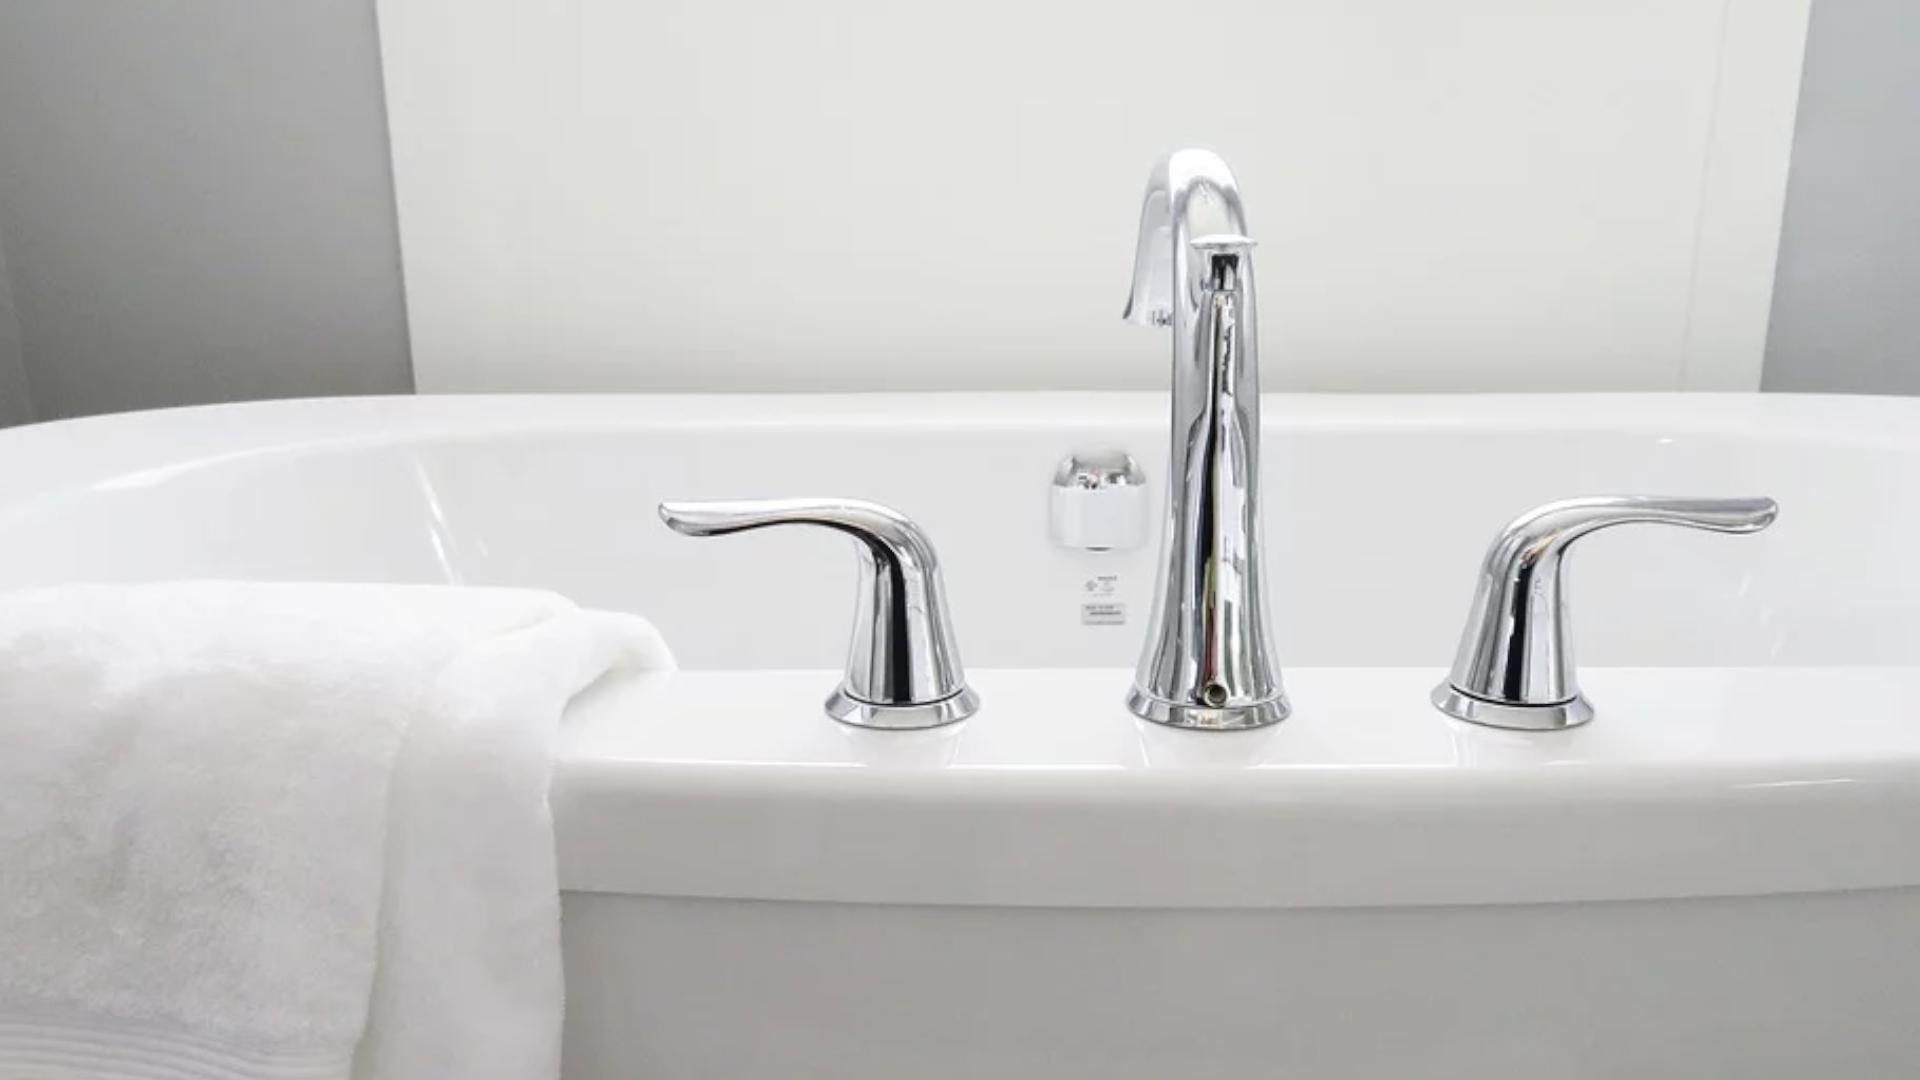 Wie viel Wasser passt in eine Badewanne? Das ist die Antwort